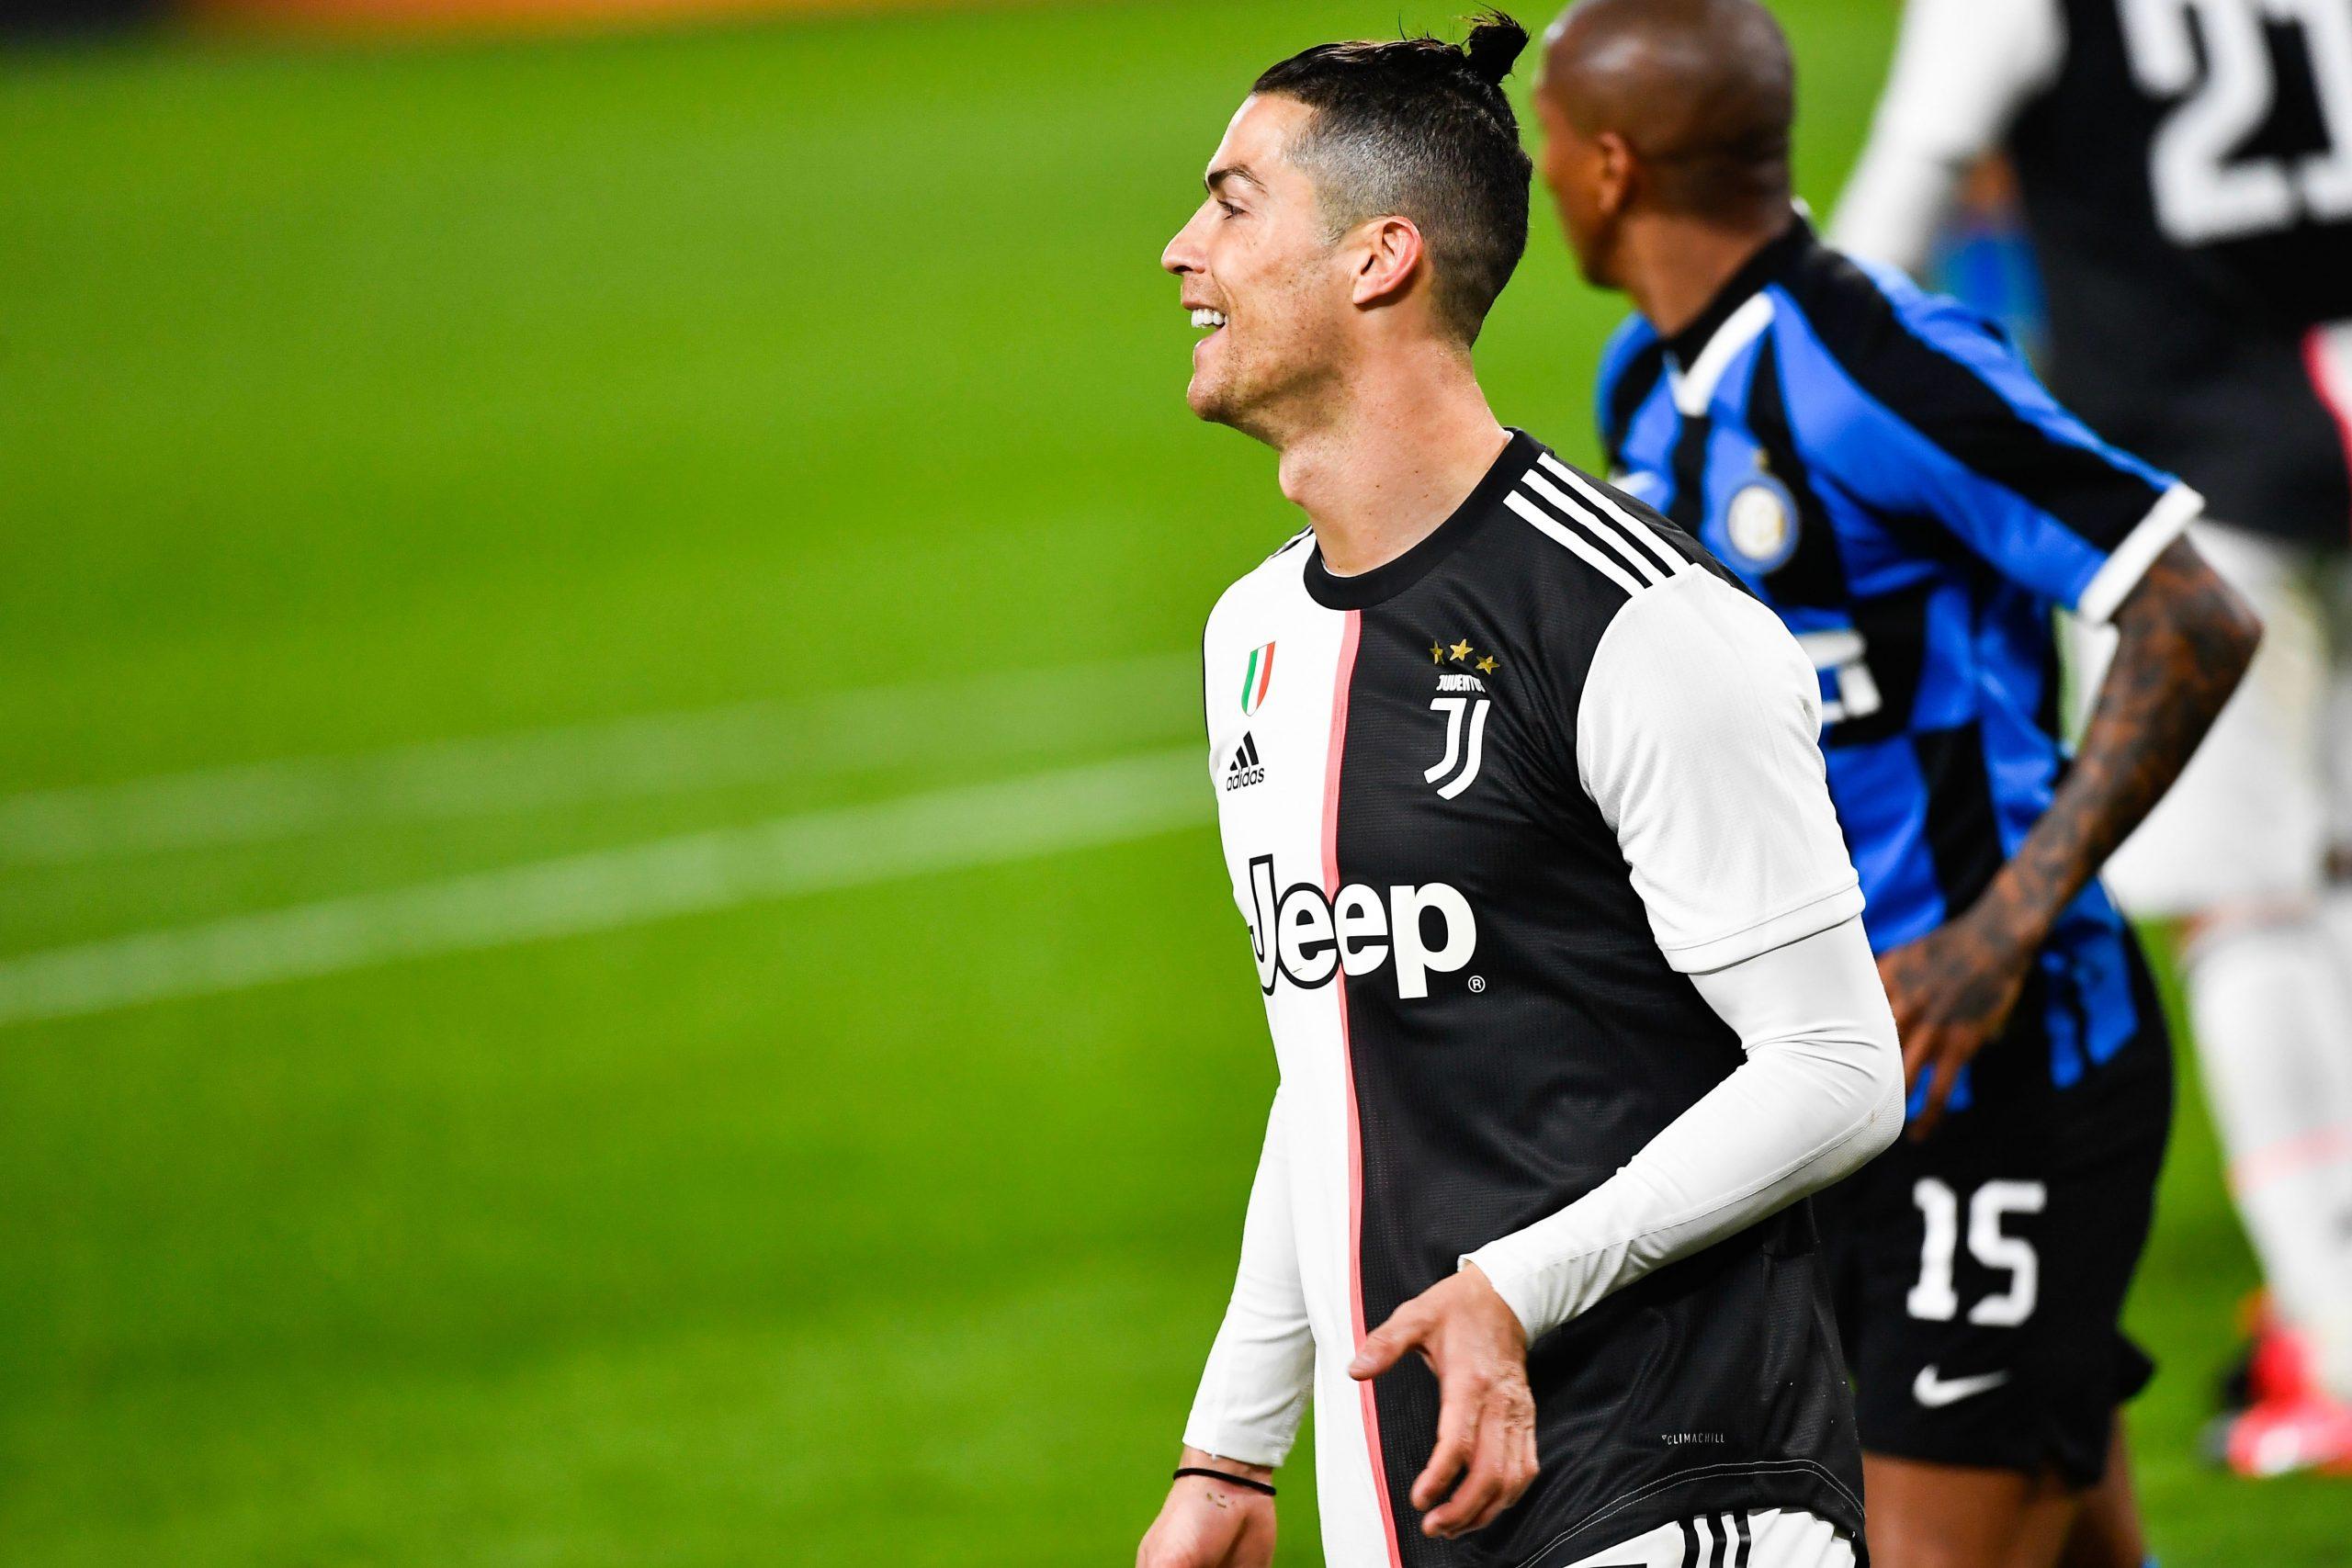 Mercato - Le PSG et Manchester United ont fait une offre à Cristiano Ronaldo, la folie de Diario Gol